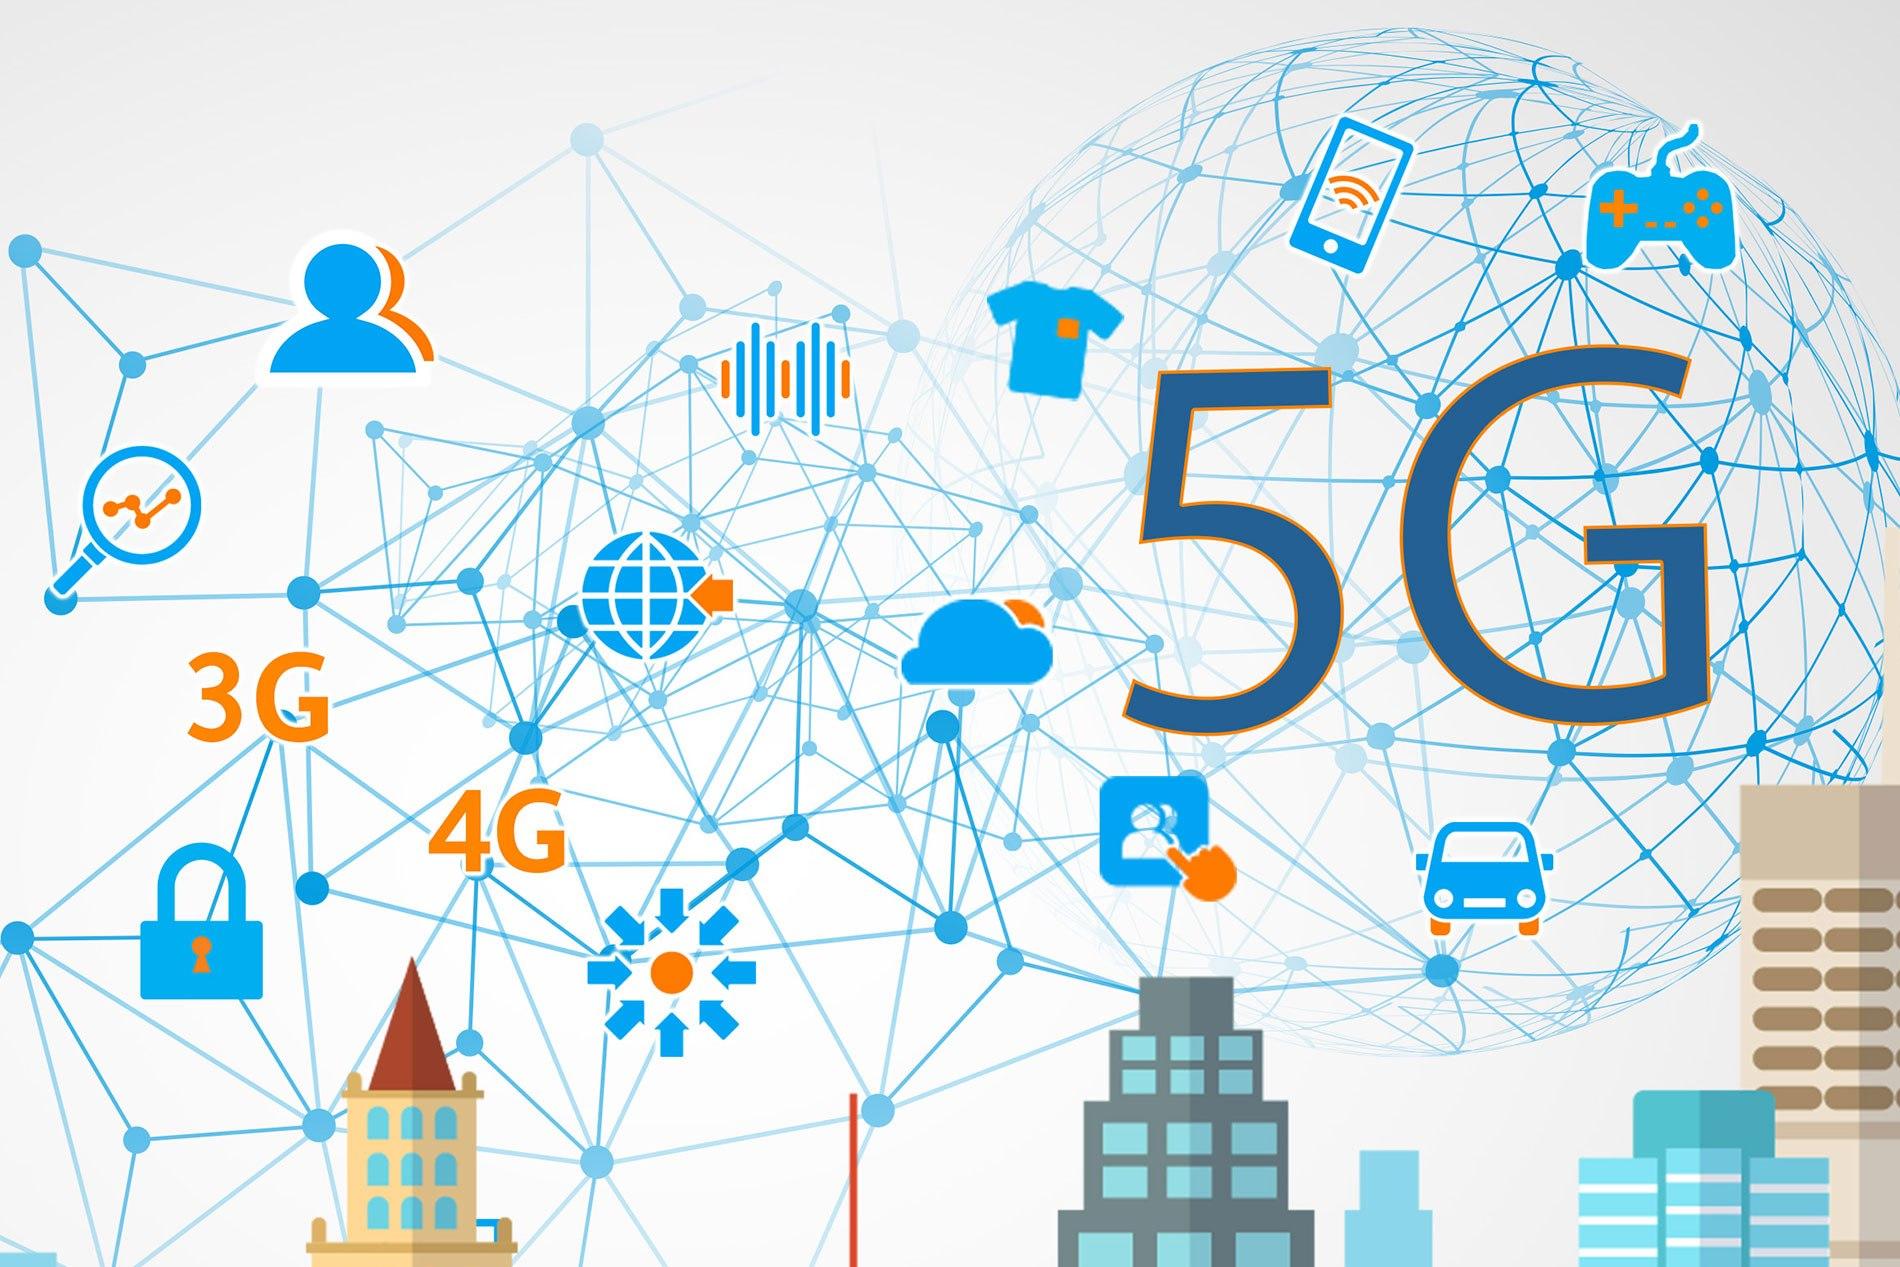 Mạng 5G là gì? Các tính năng, ứng dụng và cách thức hoạt động của nó? -  Blog | TheGioiMayChu